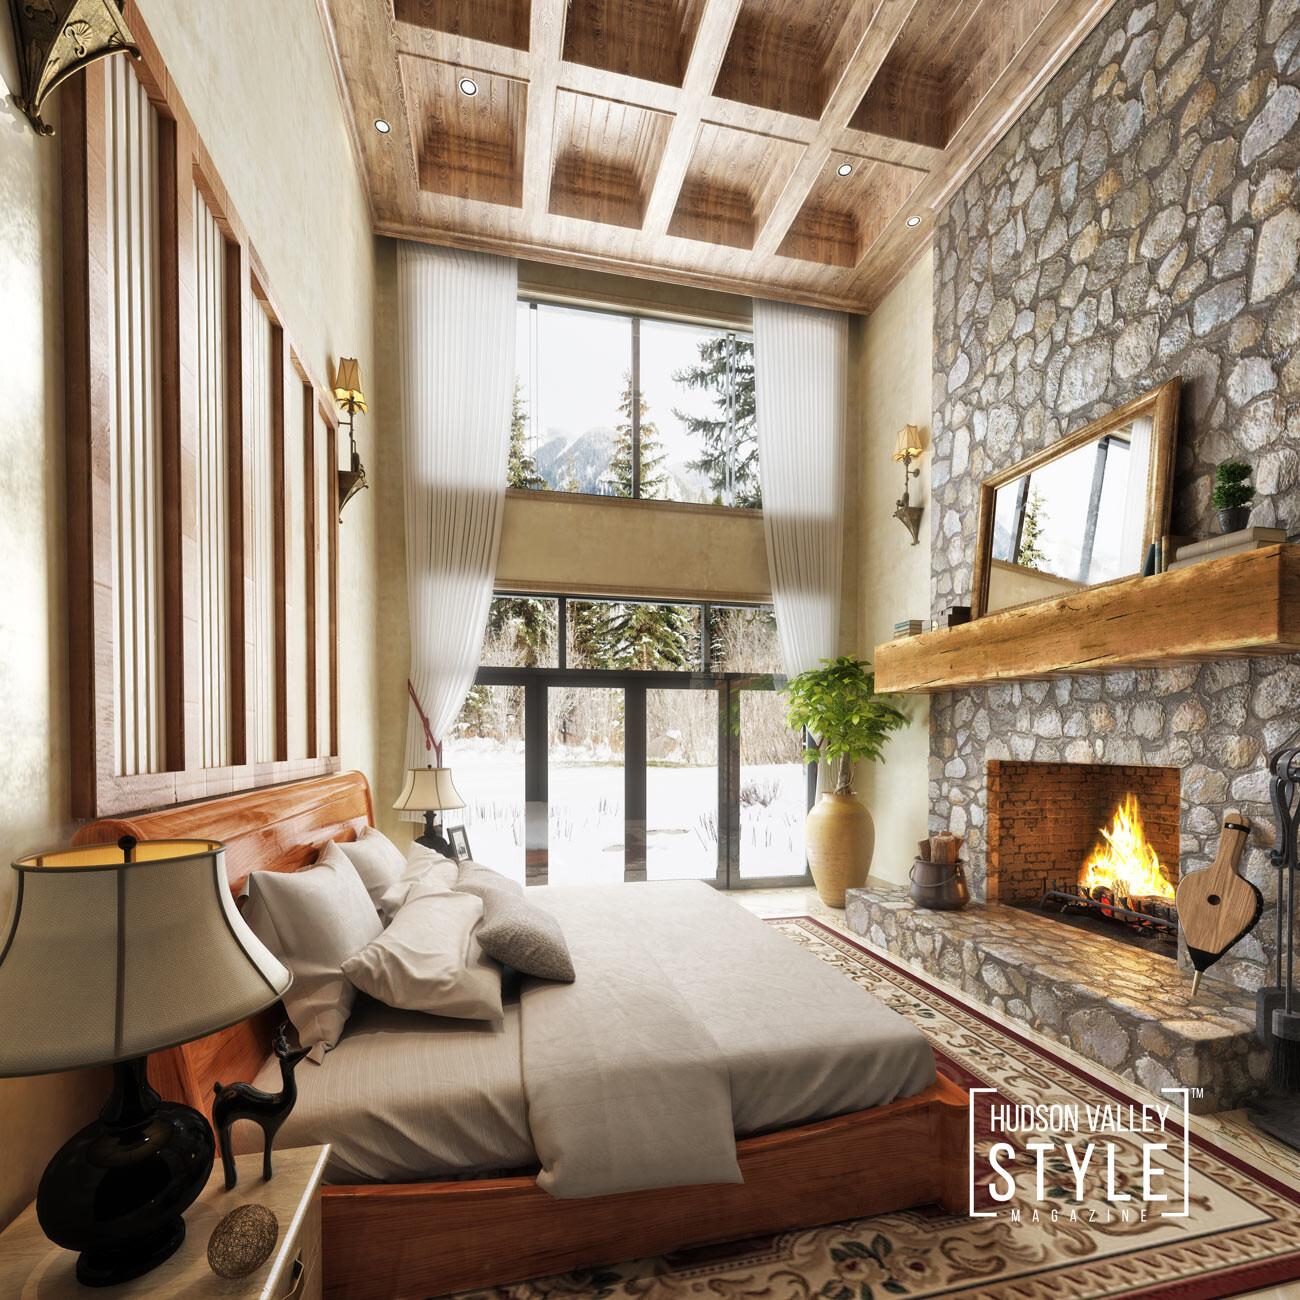 Exploring Rustic Cabin Theme – Home Decor 101 with Realtor Xiomara Marrero